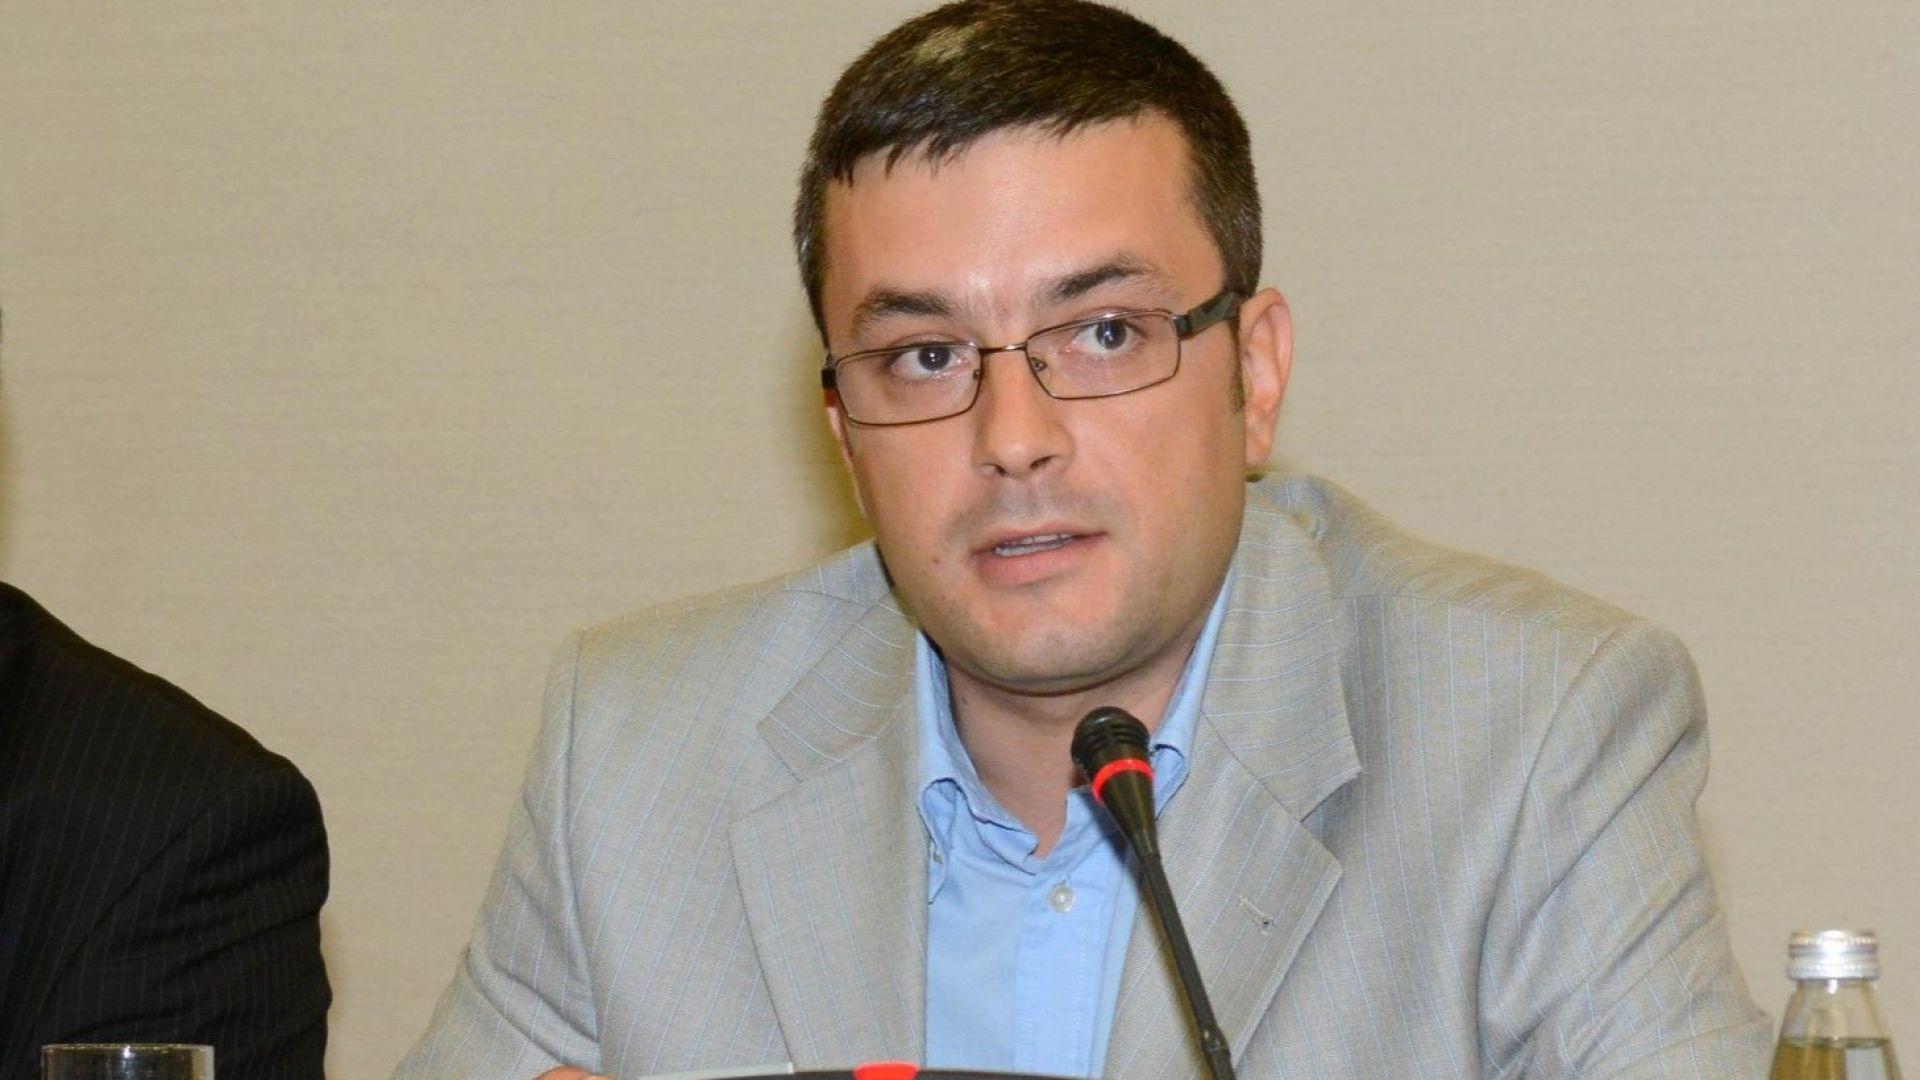 Бойко Борисов няма да участва във вътрешнопартийната кампания на БСП за редене на листи